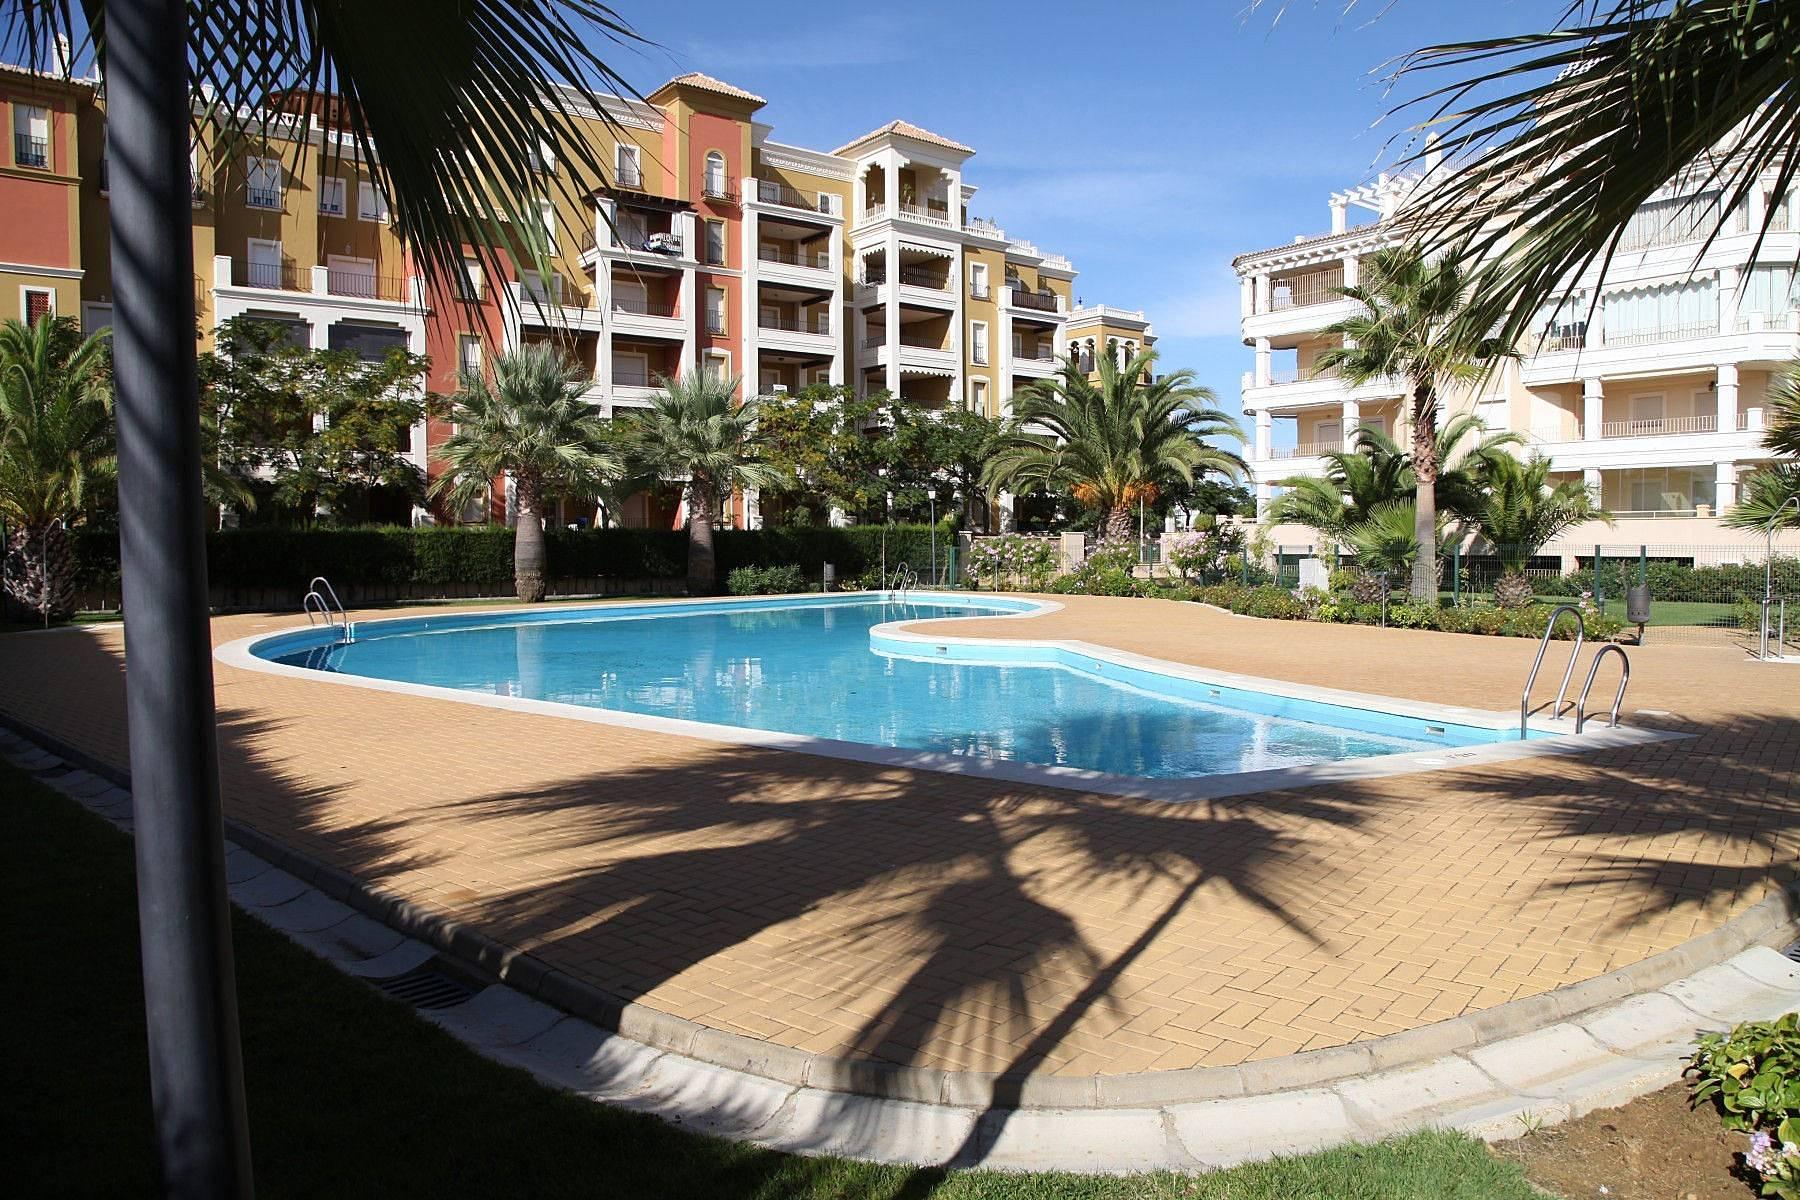 Apartamento en alquiler en ayamonte isla del moral ayamonte huelva costa de la luz - Alquiler apartamentos punta del moral ...